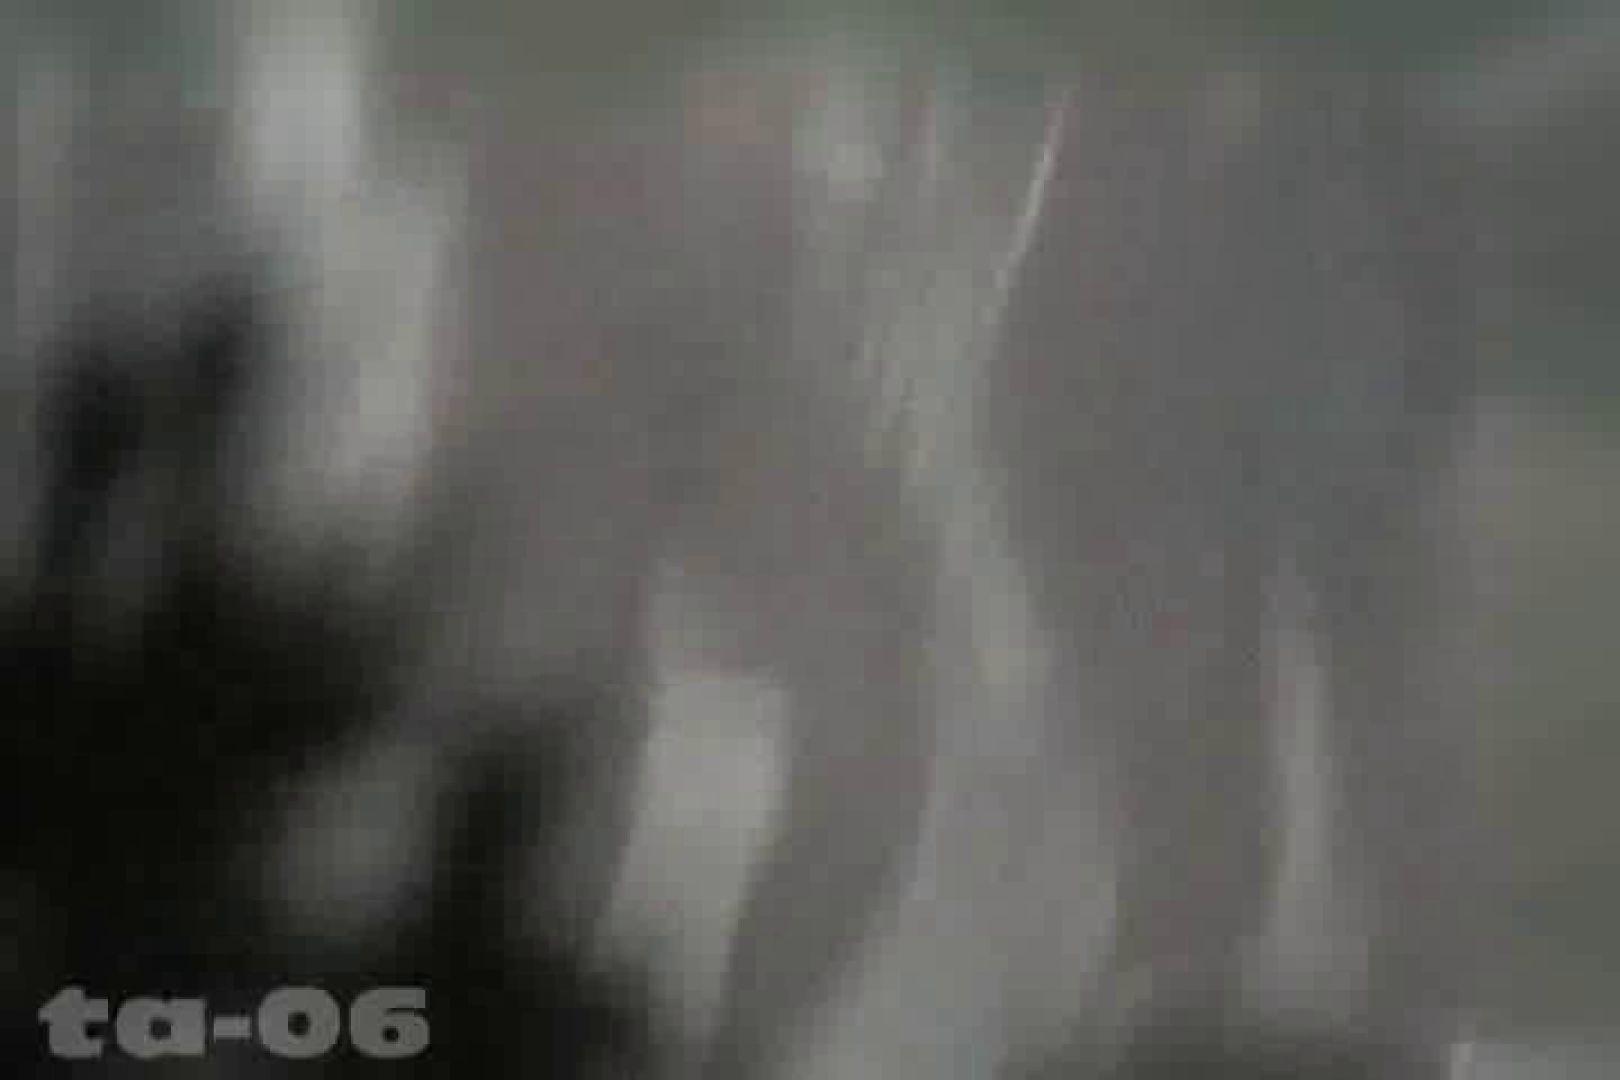 合宿ホテル女風呂盗撮高画質版 Vol.06 ホテル おめこ無修正動画無料 107連発 4